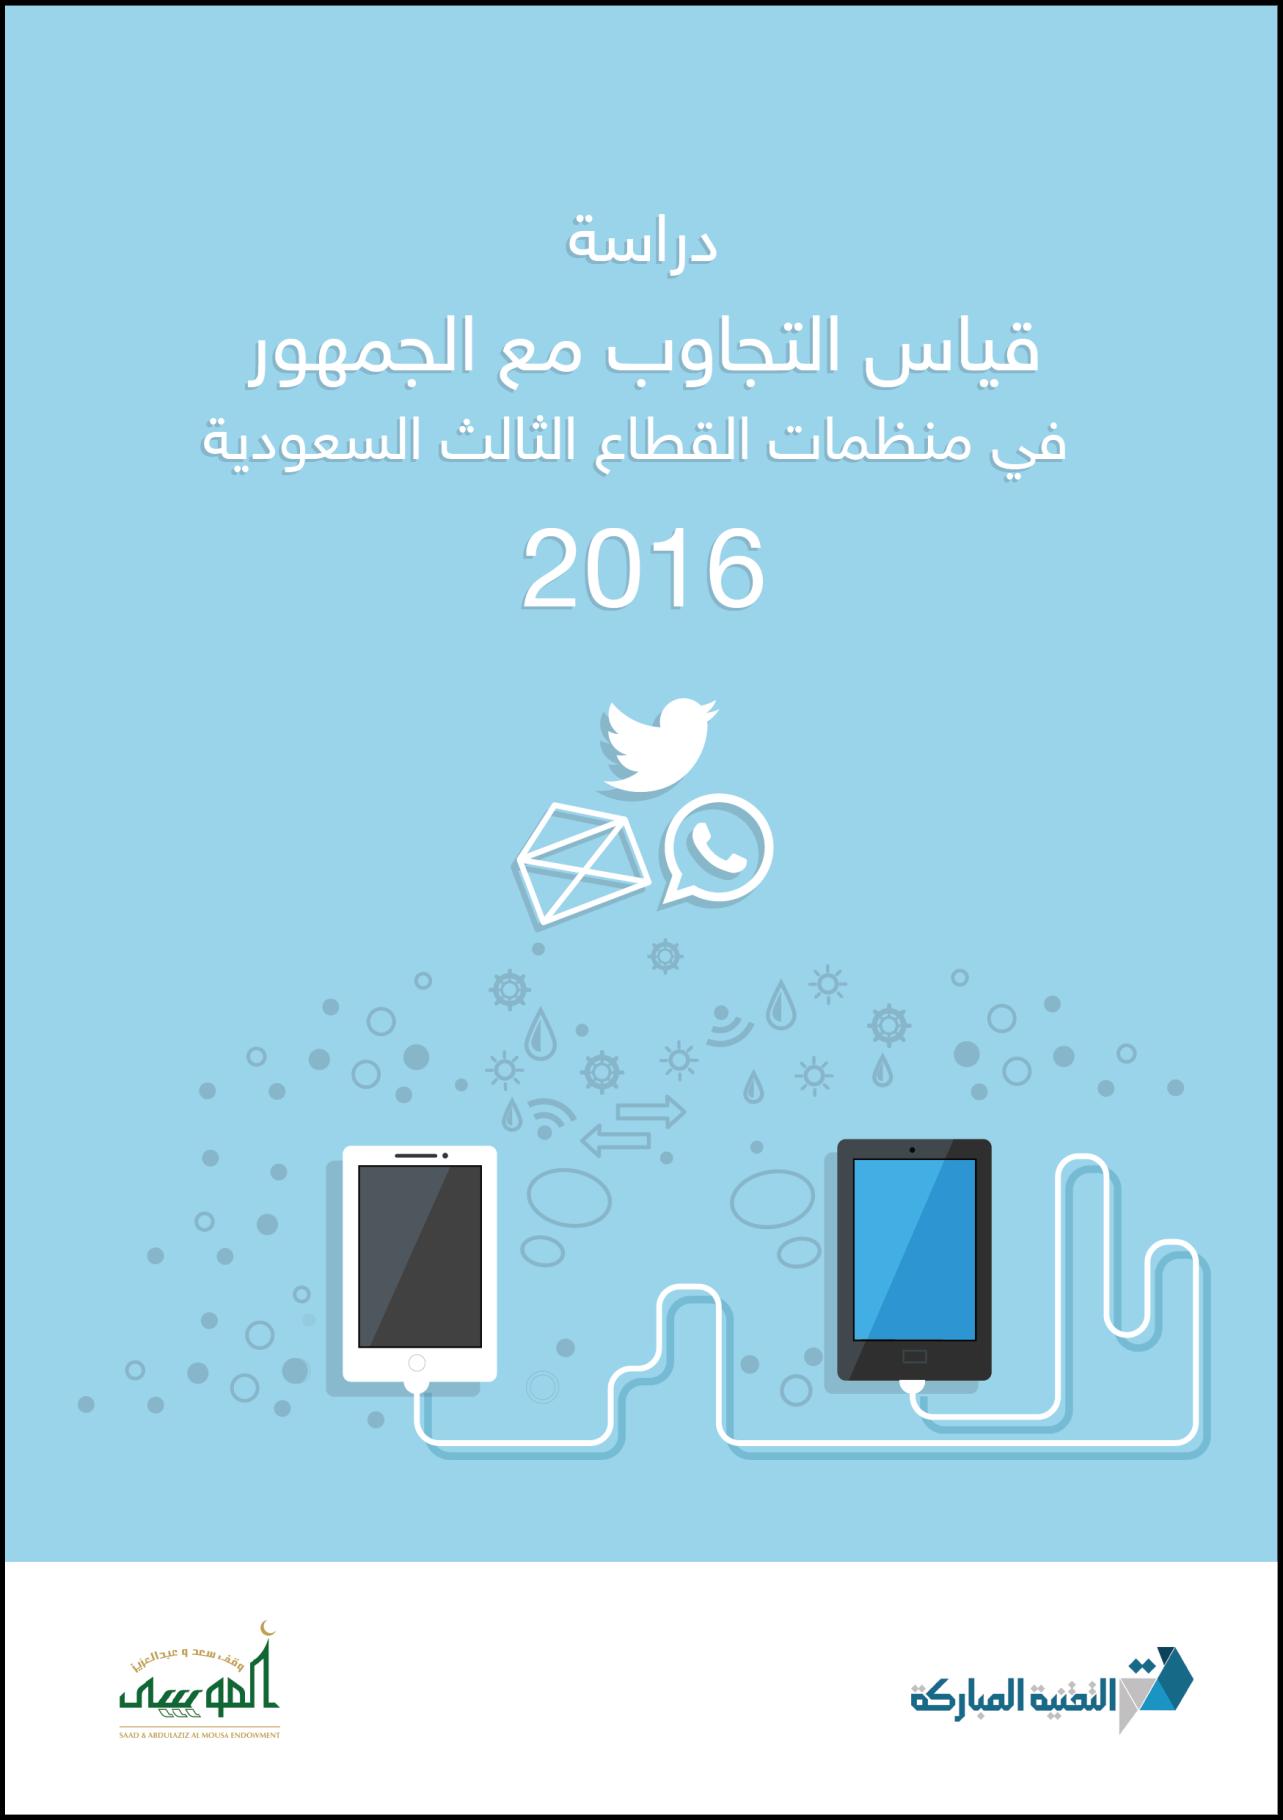 دراسة قياس التجاوب مع الجمهور في منظمات القطاع الثالث السعودية 2016